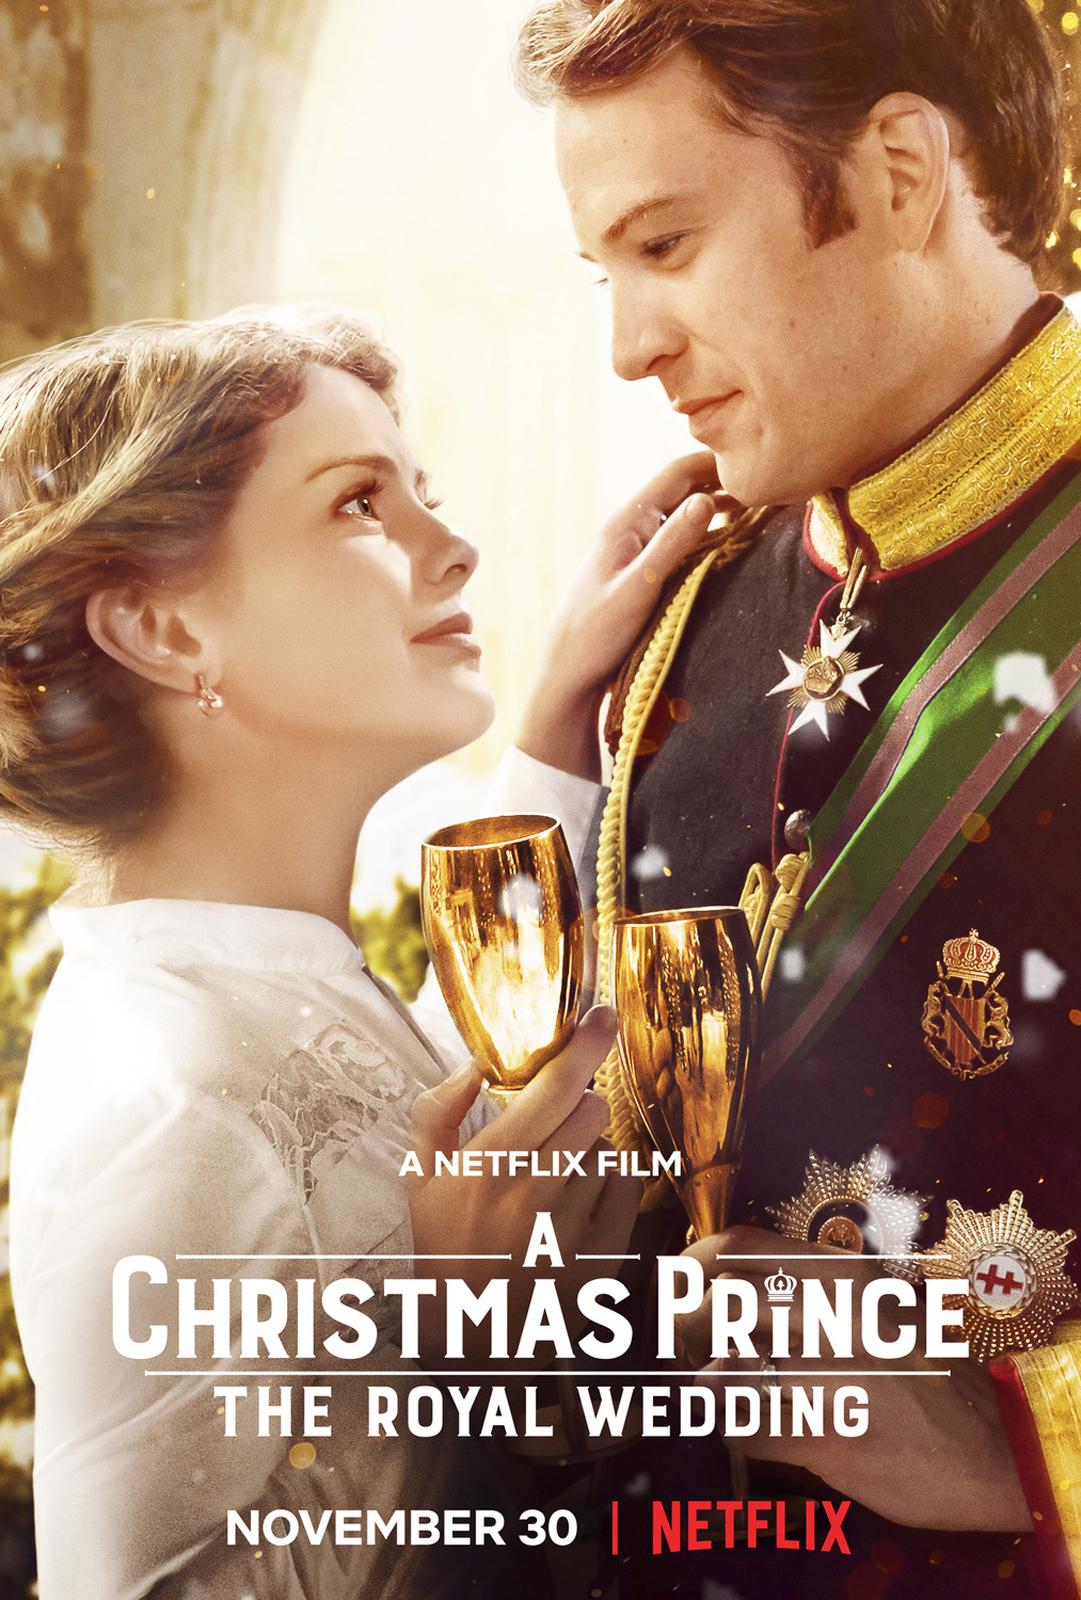 Kritik zu A Christmas Prince 2: The Royal Wedding: Besser als Teil 1 - FILMSTARTS.de